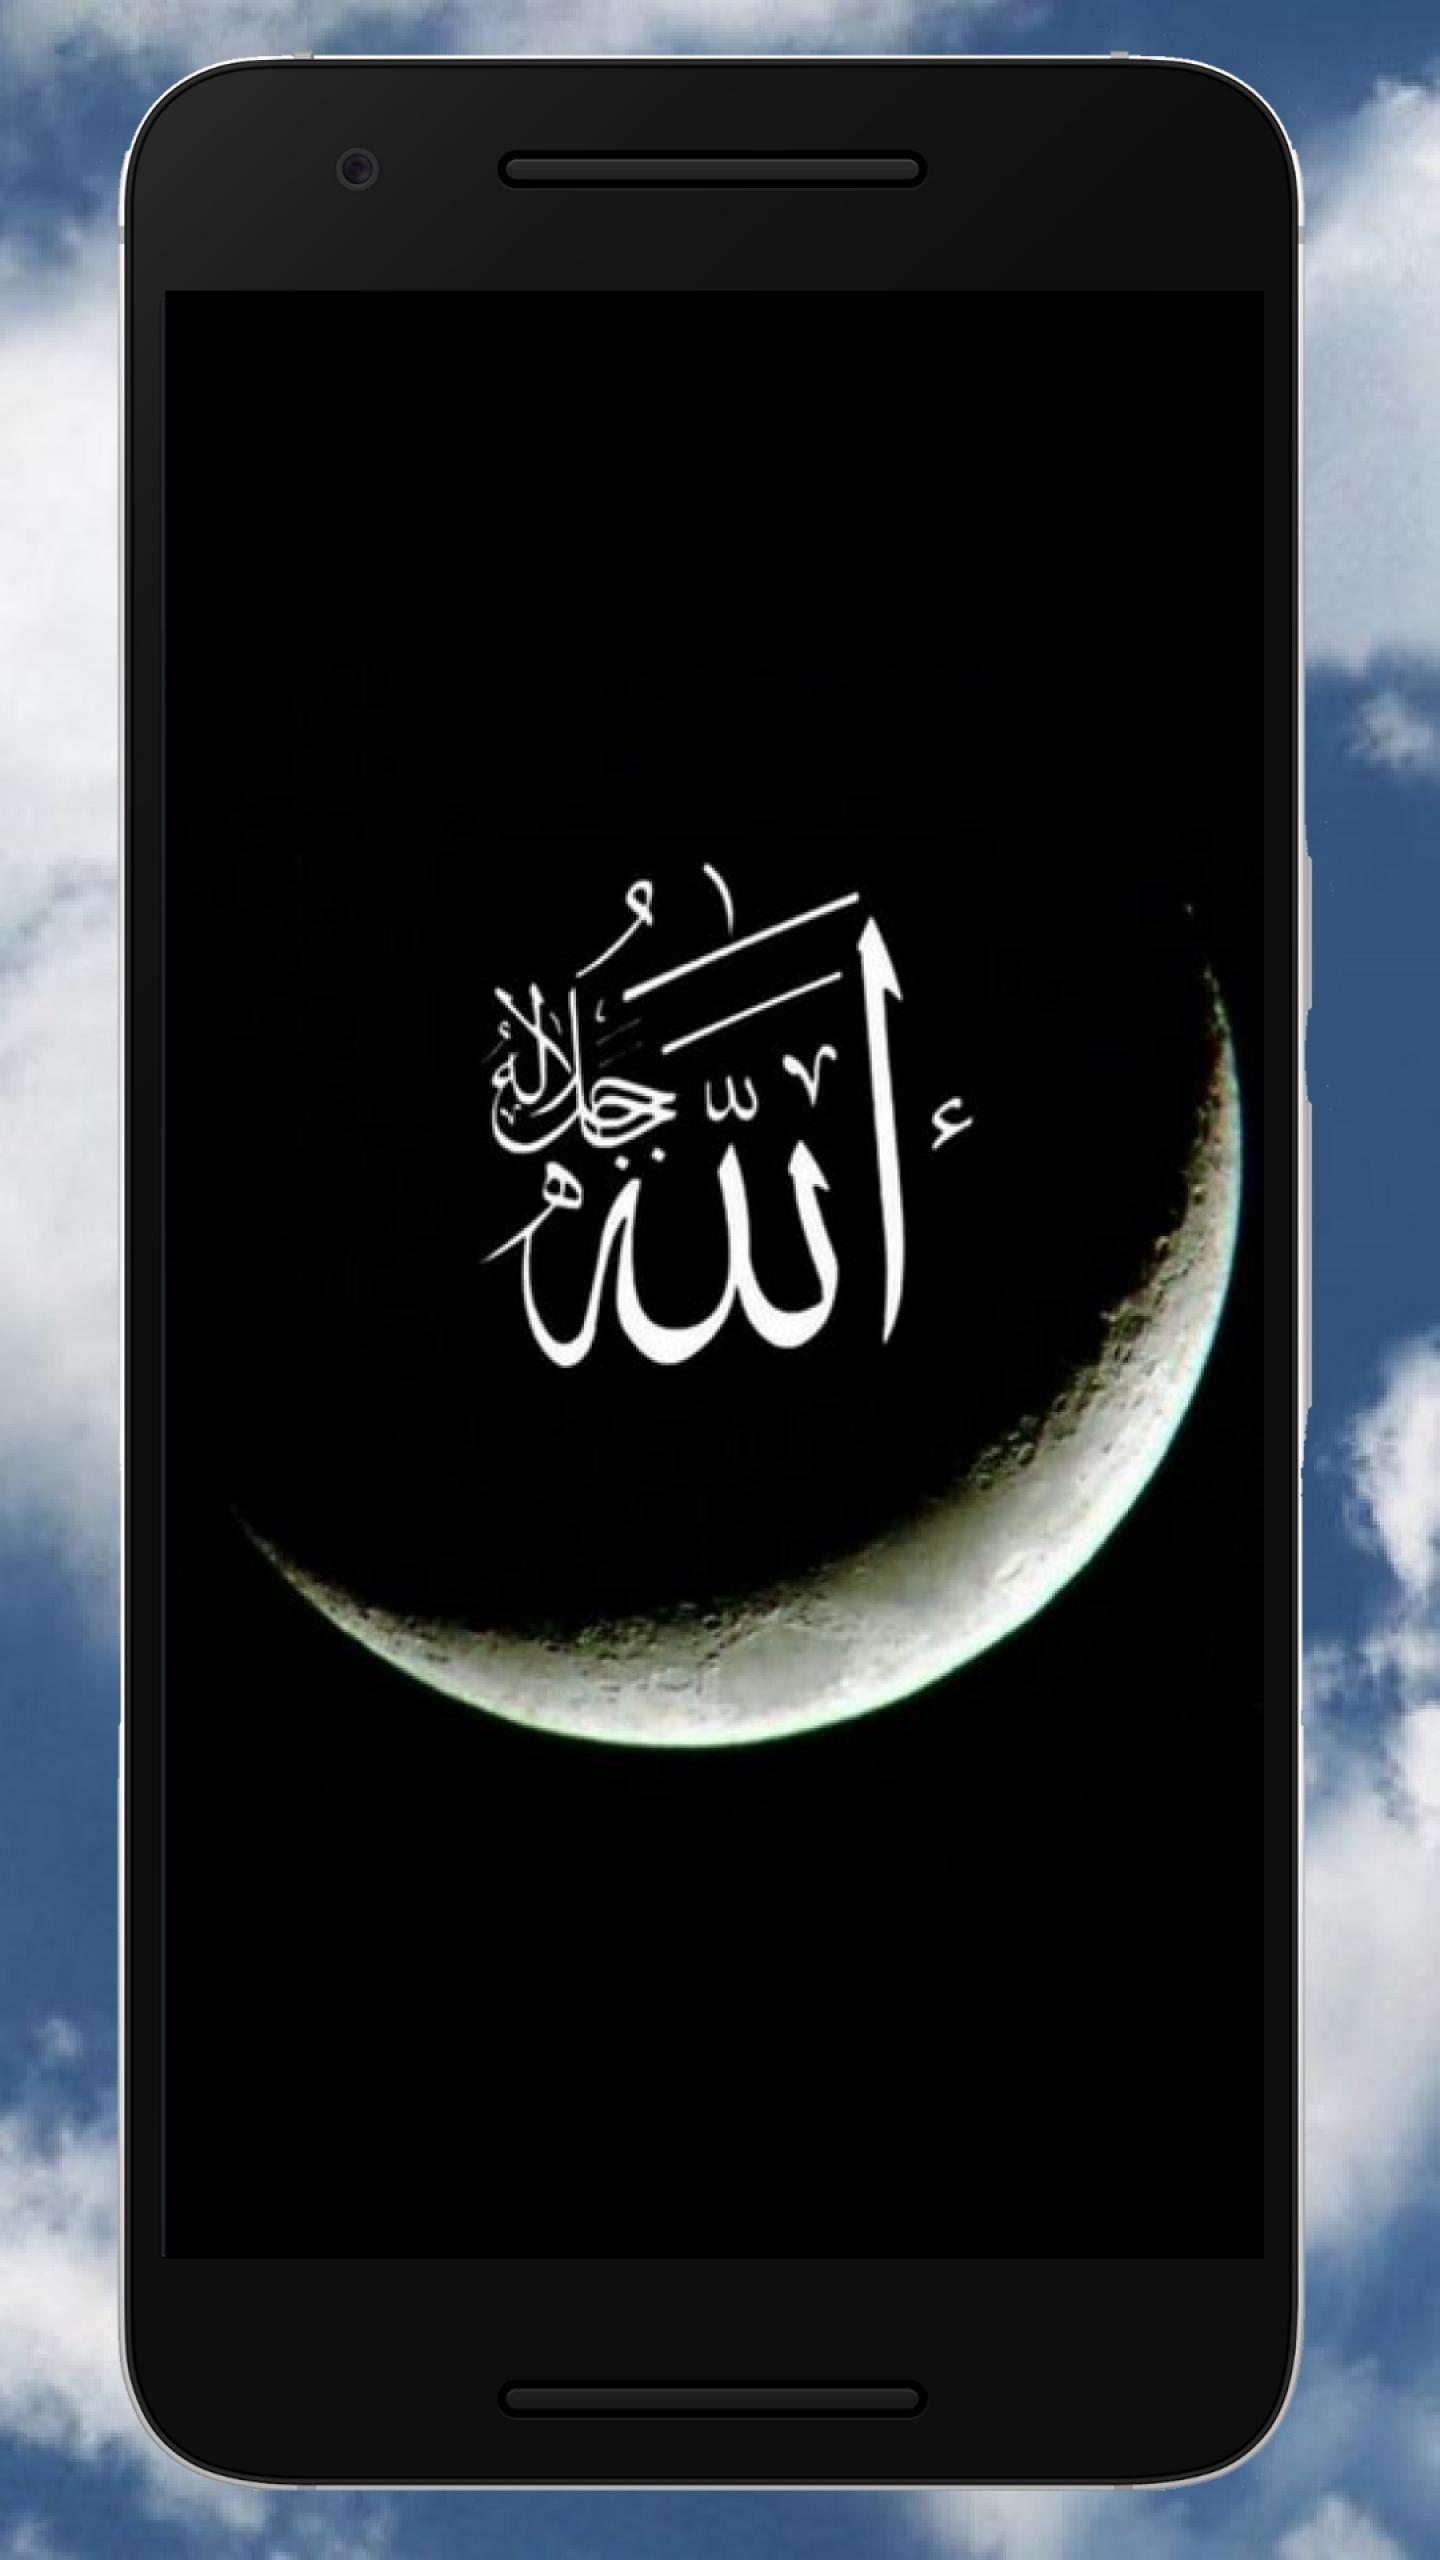 Wallpaper Lafadz Allah : wallpaper, lafadz, allah, Unduh440+, Allah, Wallpaper, Gratis, Allah,, Islamis,, Gambar, Grafit